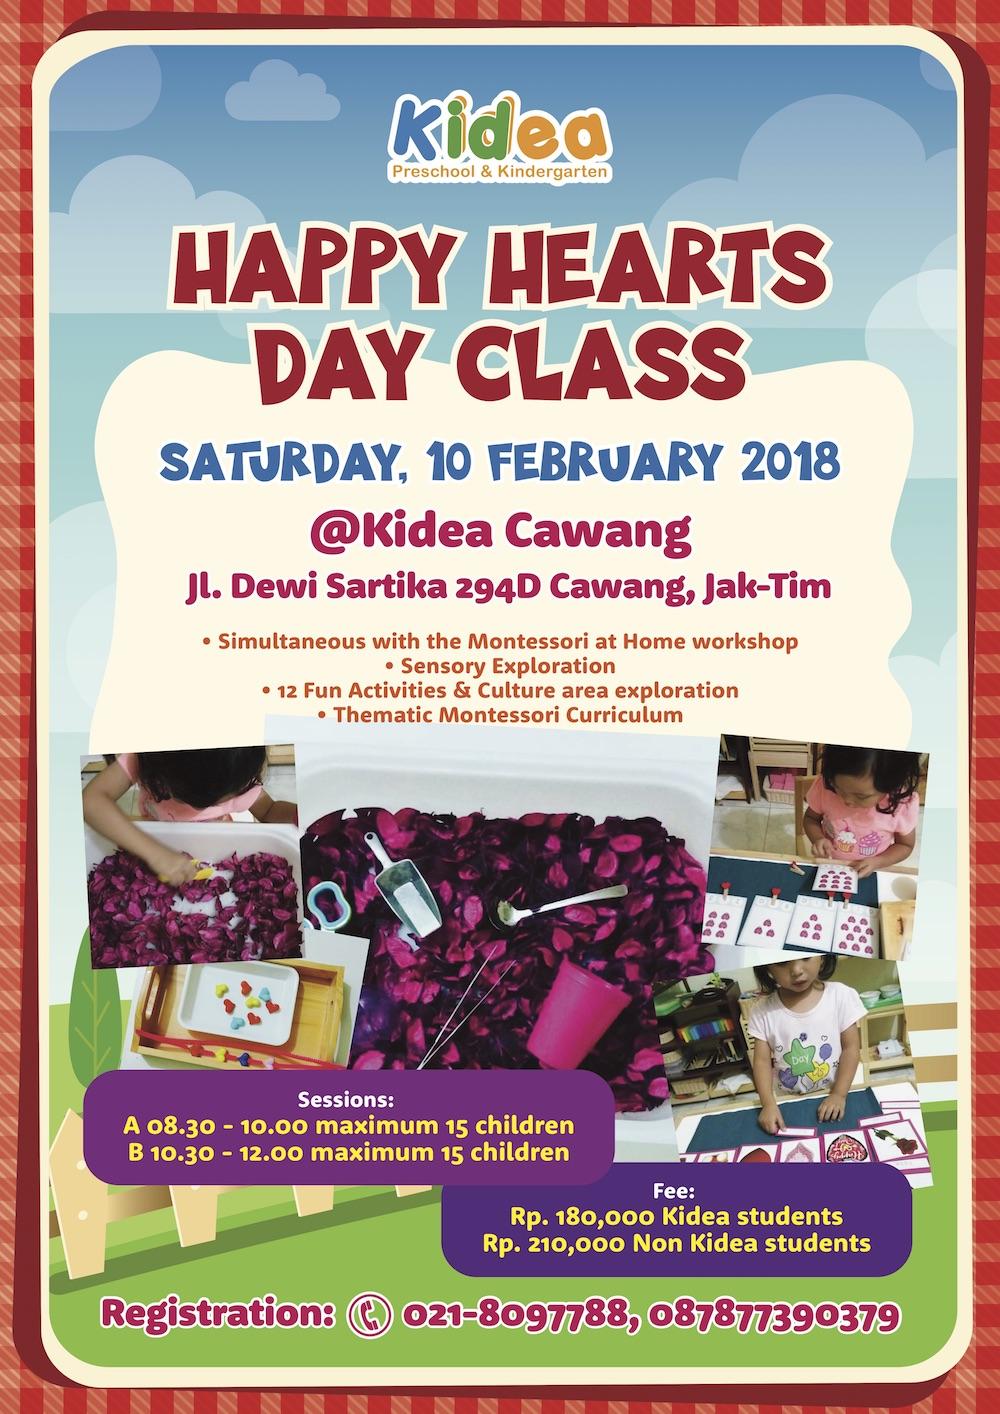 KIDEA - Happy Hearts Day Class copy